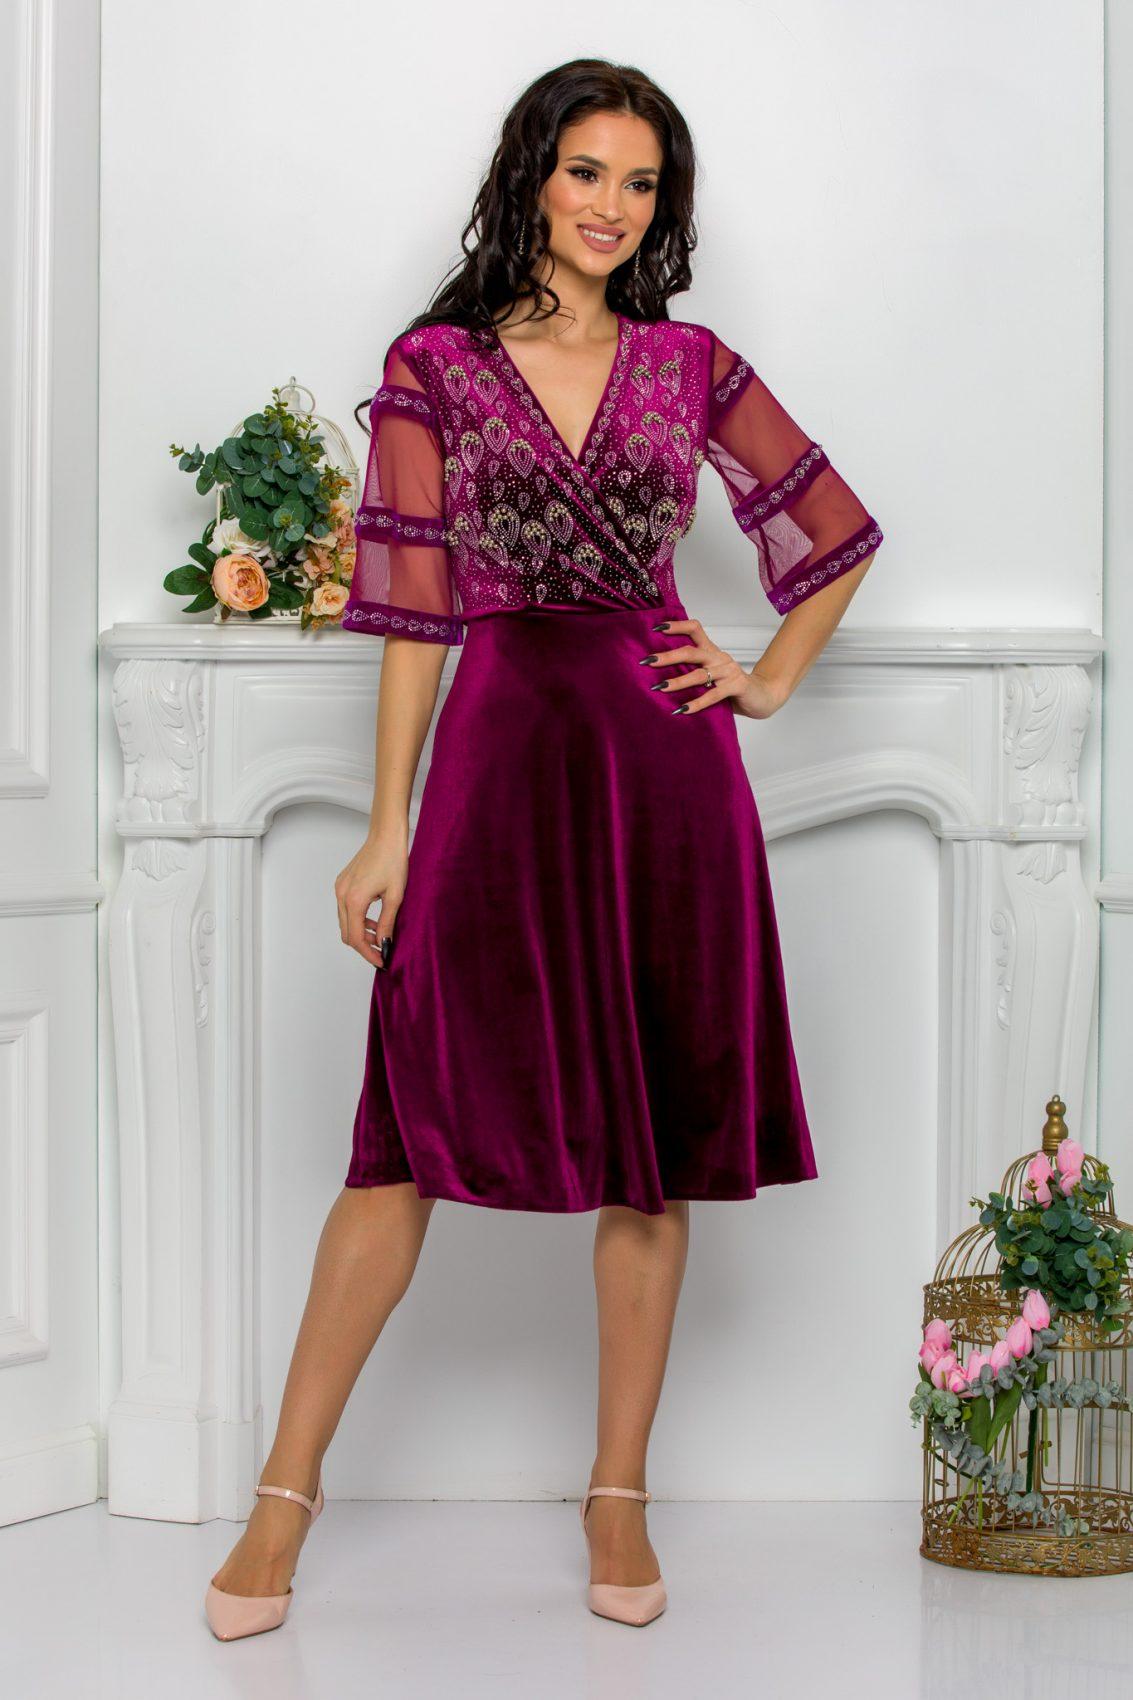 Βιολετί Φόρεμα Με Στρας Από Βελούδο Leticia 9509 1